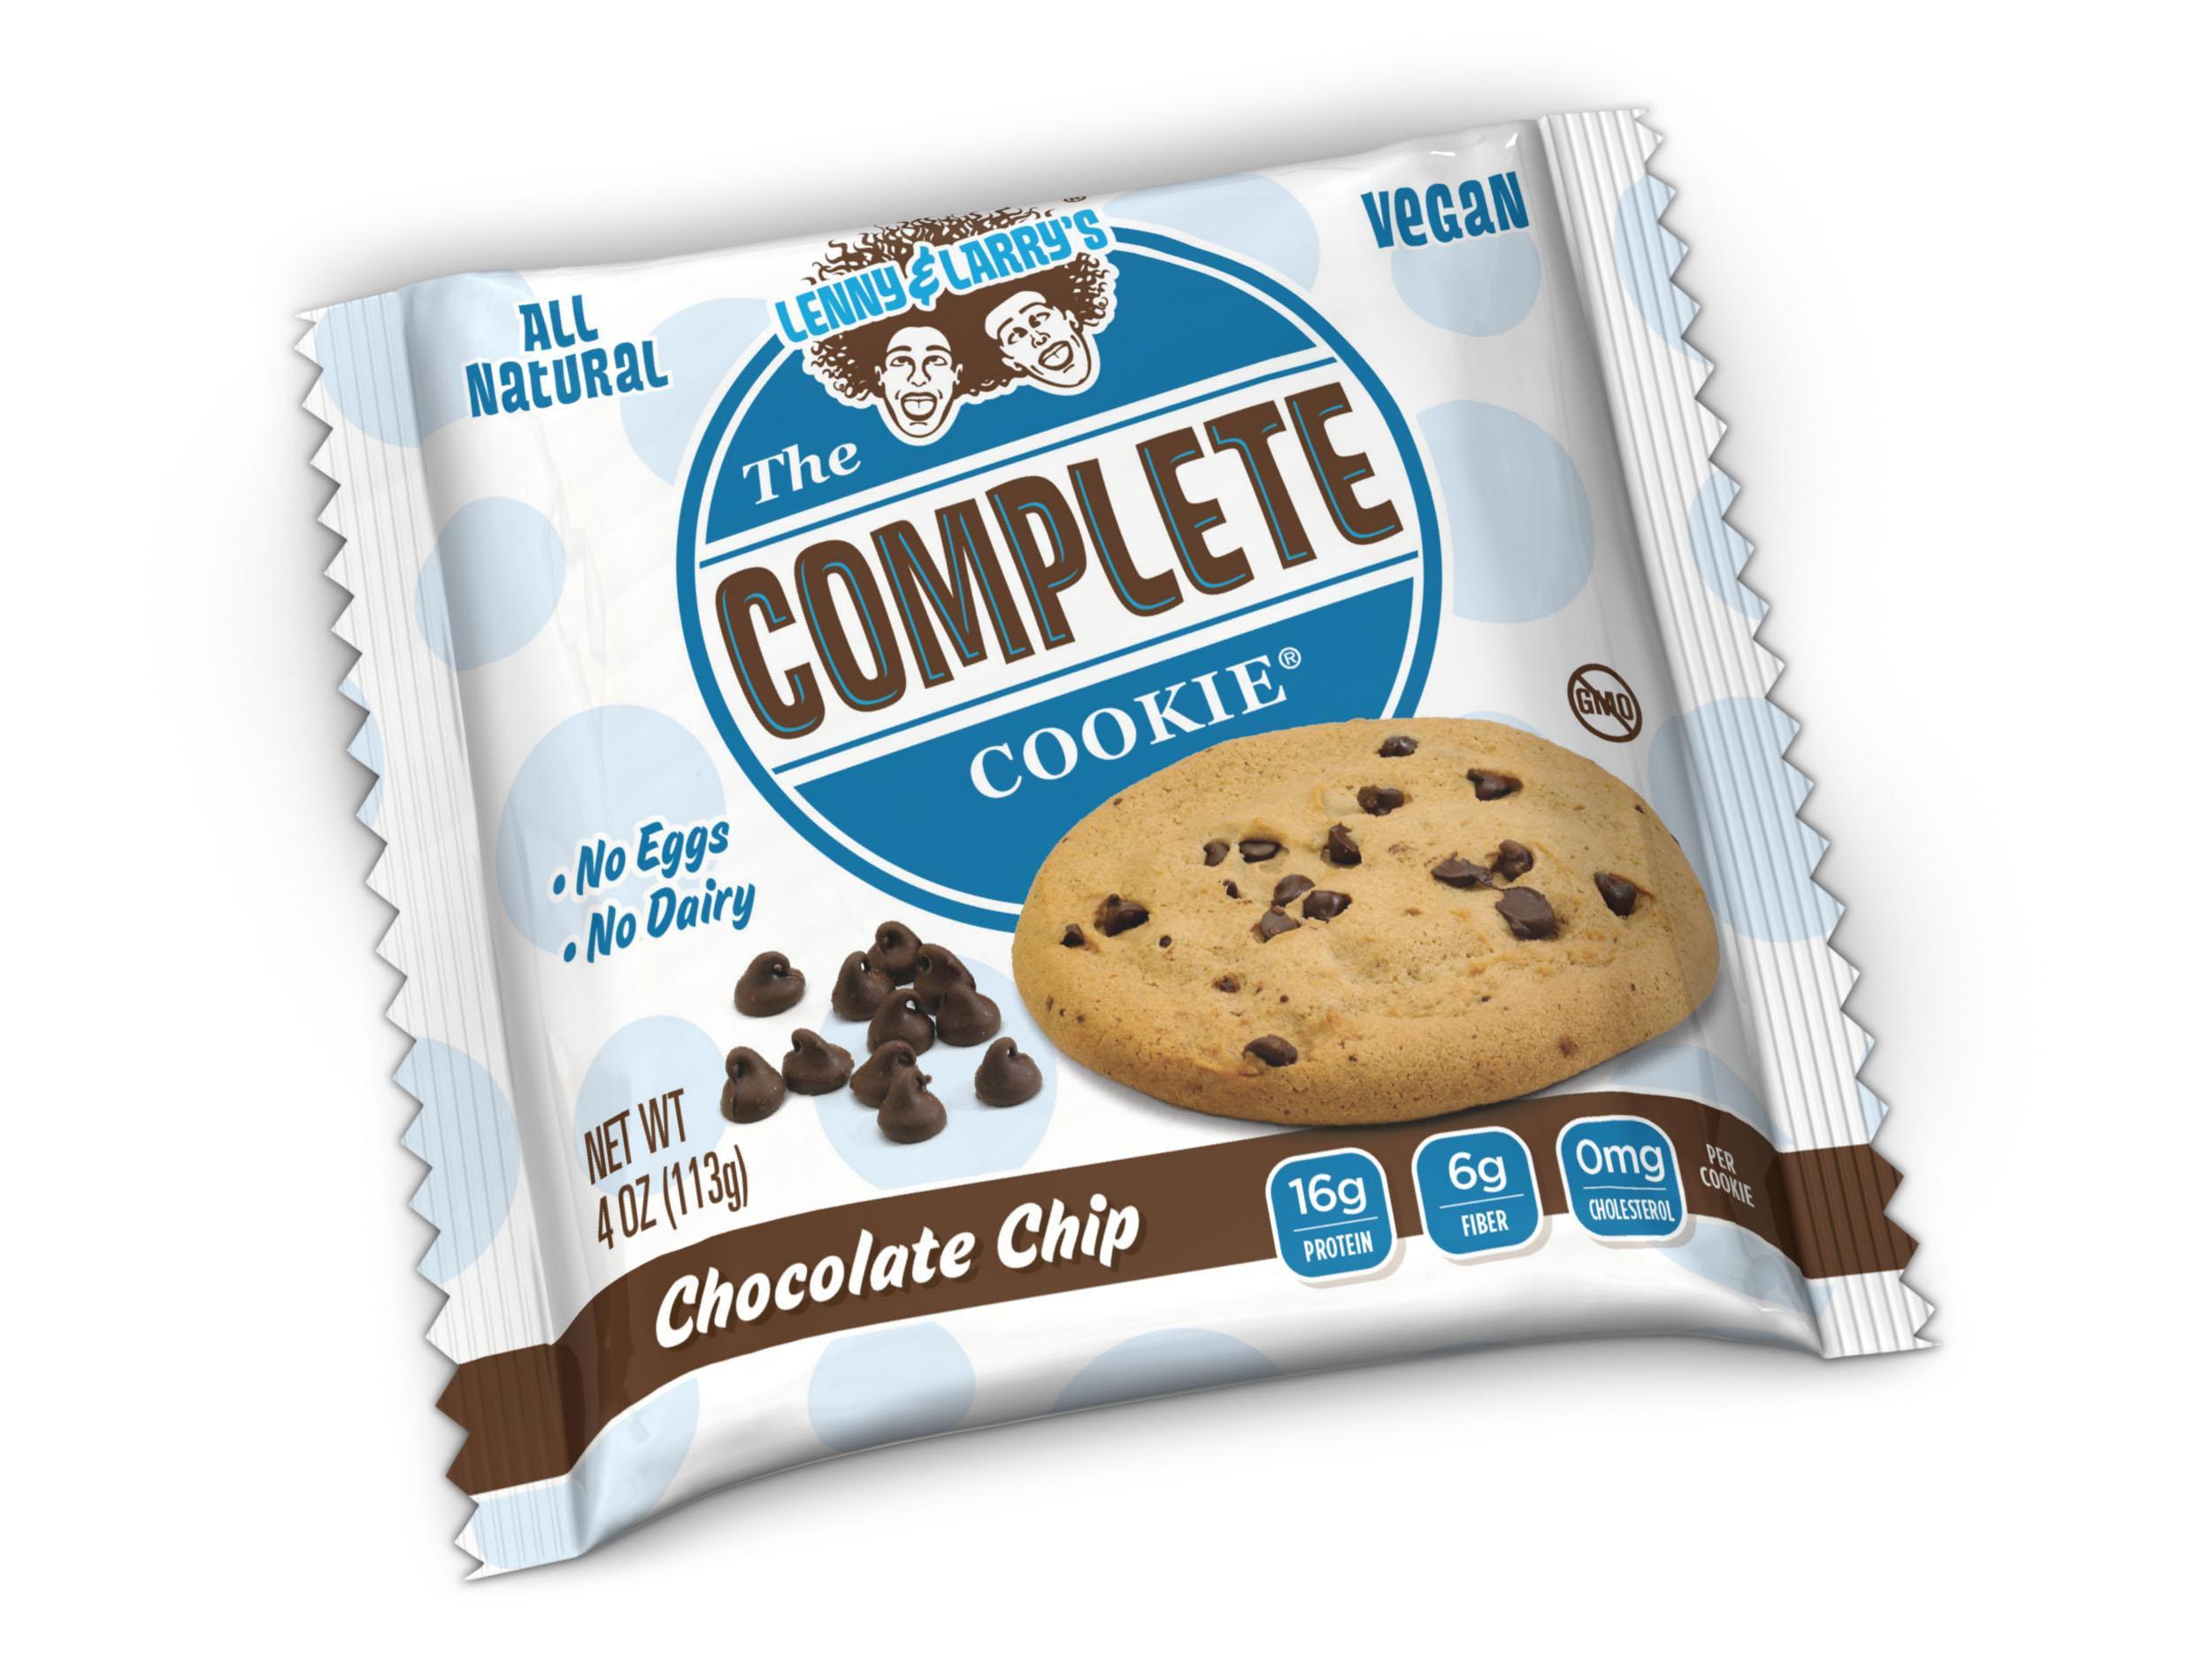 Vegan Protein Cookies  Amazon Lenny & Larry s The plete Cookie Lemon